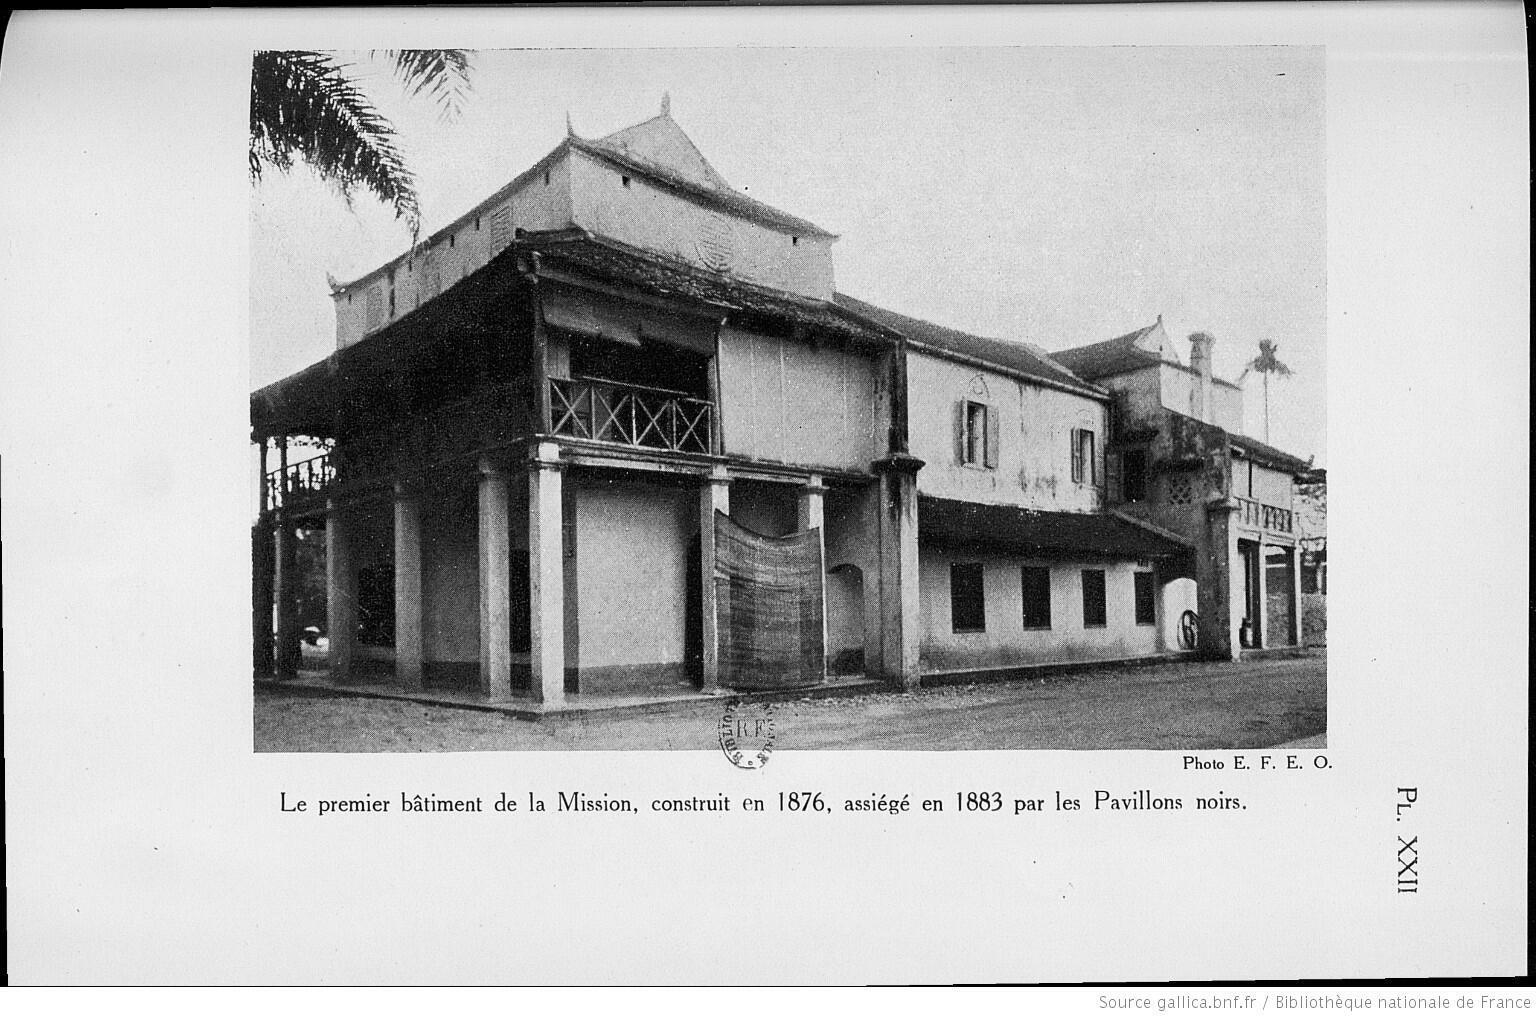 Nhà thờ bằng gạch được cha Landais cho xây vào khoảng năm 1876 và bị quân Cờ Đen thiêu rụi năm 1883. Ảnh trích từ sách Hanoi pendant le période héroïque 1873-1888 của André Masson, xuất bản tại Paris (Pháp), năm 1929.